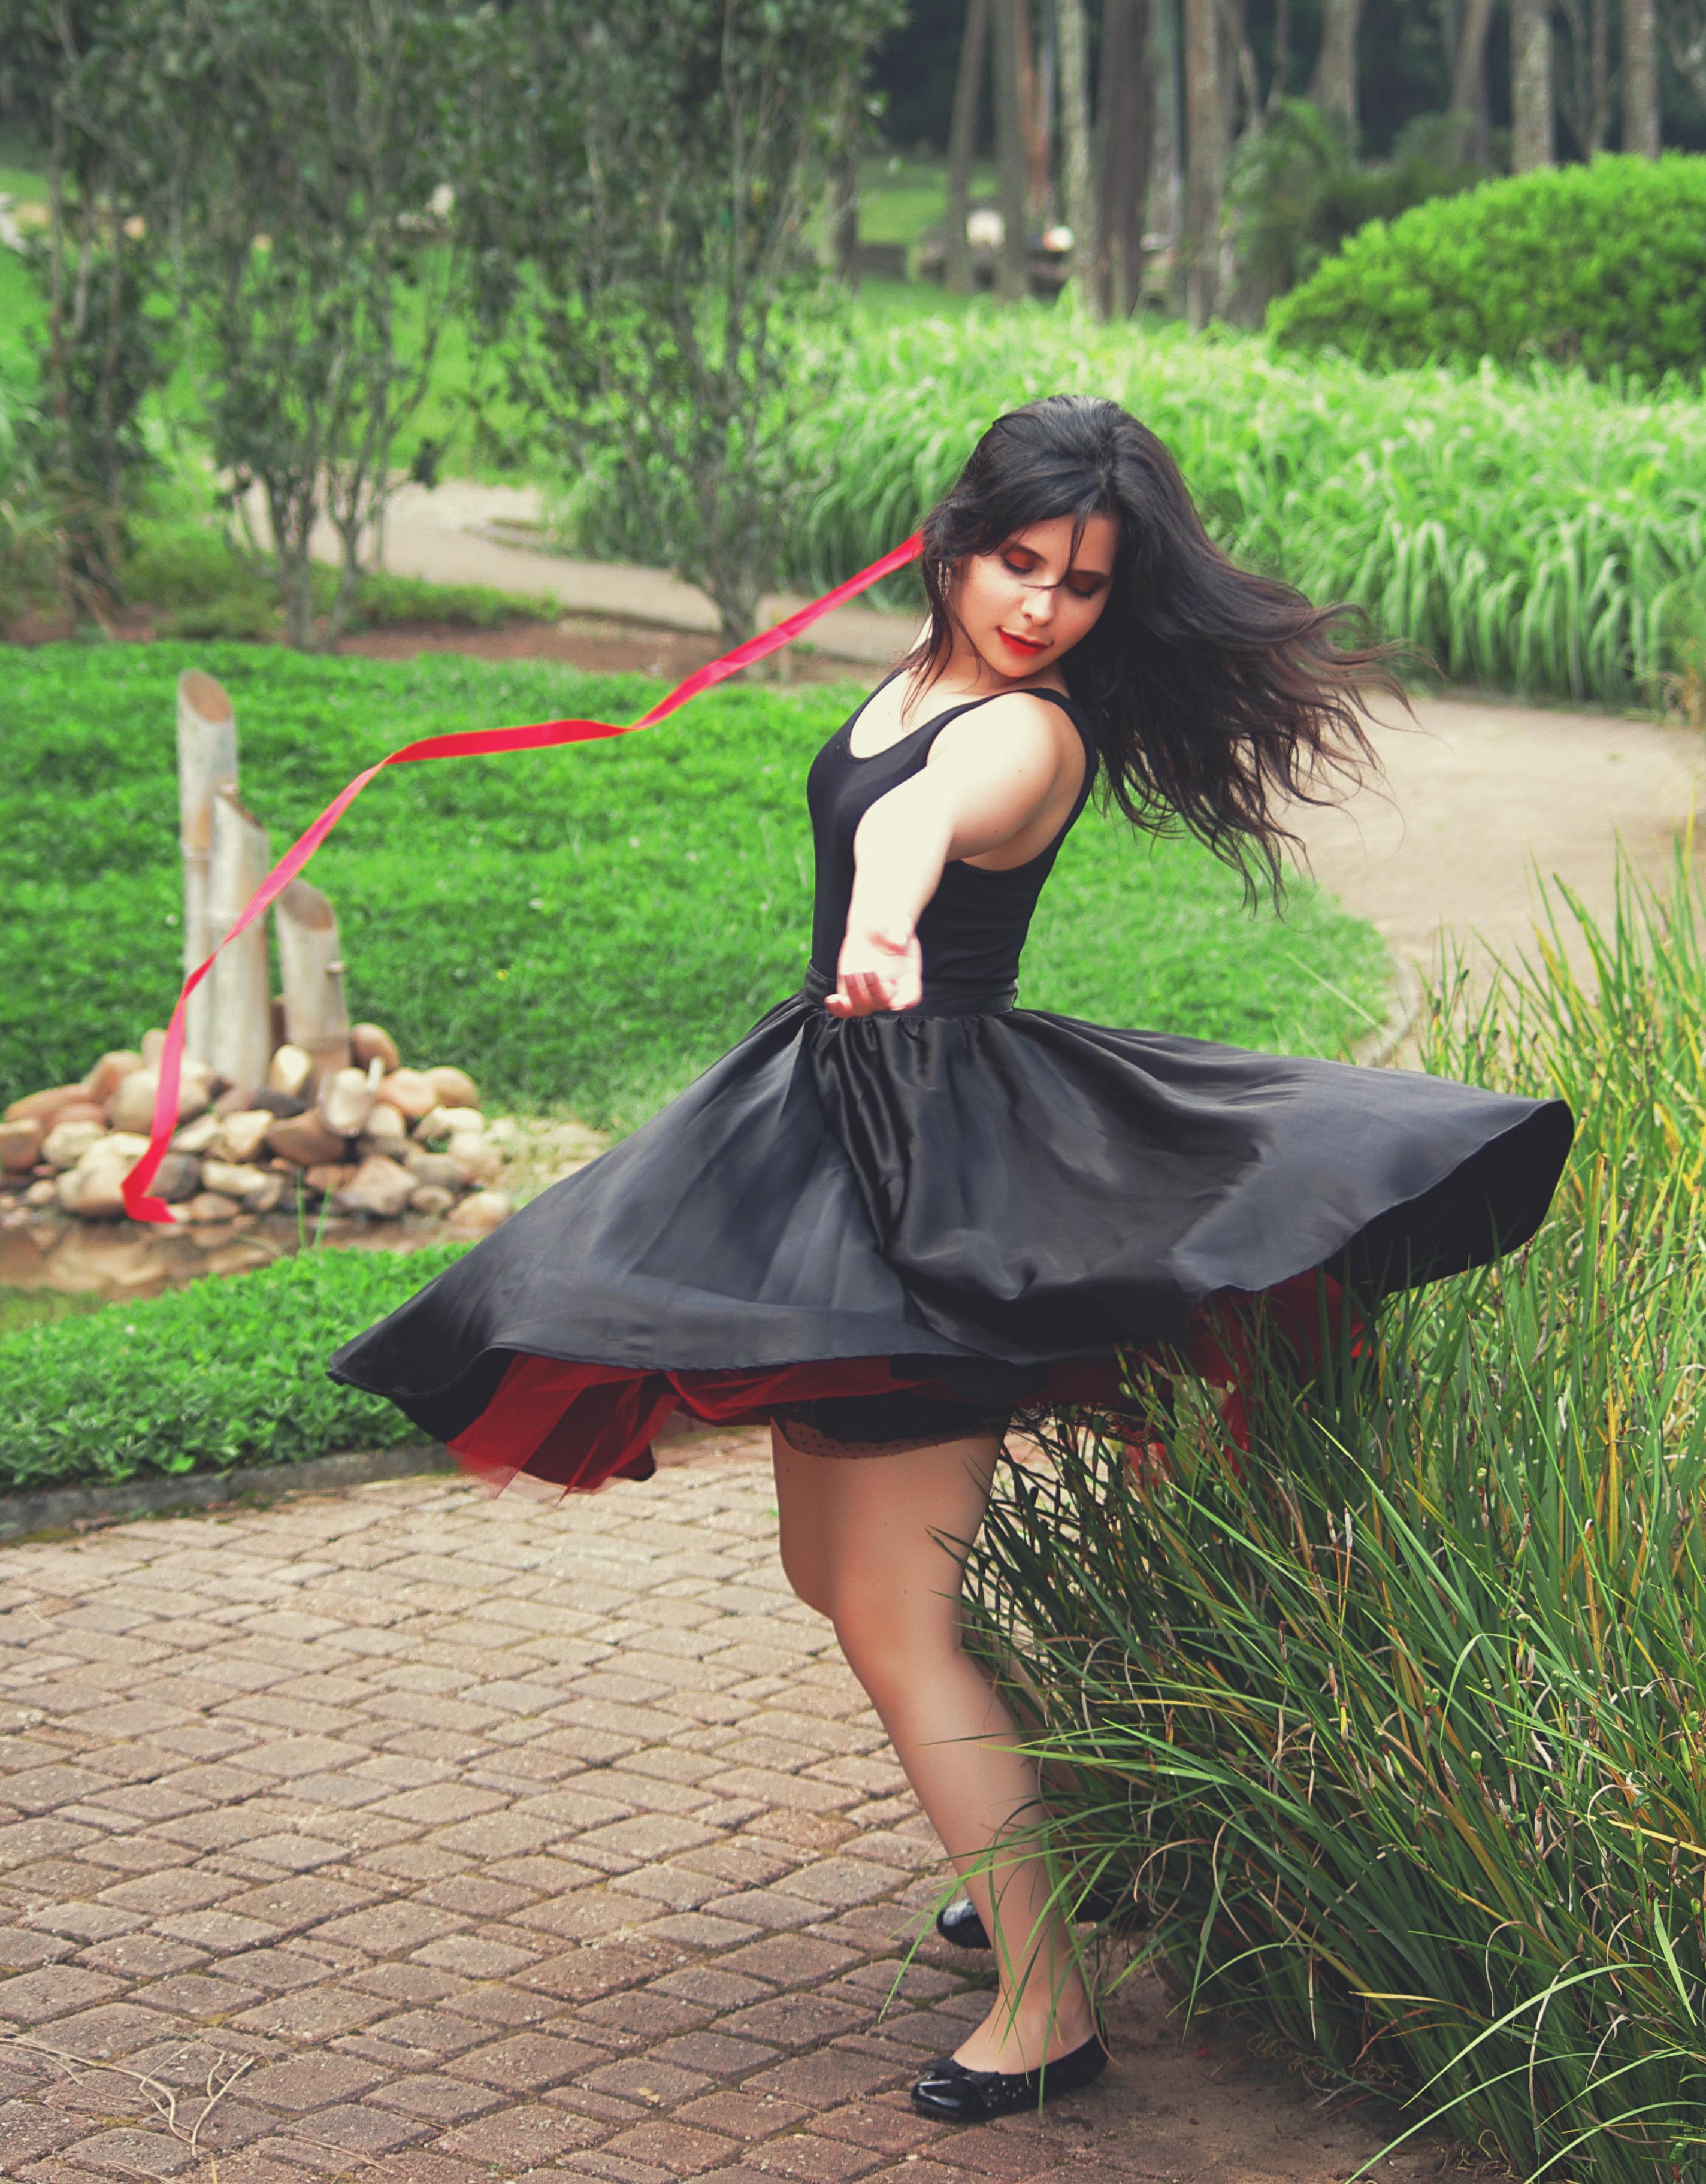 無料写真素材 人物 女性 踊る・ダンス ブラジル人画像素材なら!無料・フリー写真素材のフリーフォト